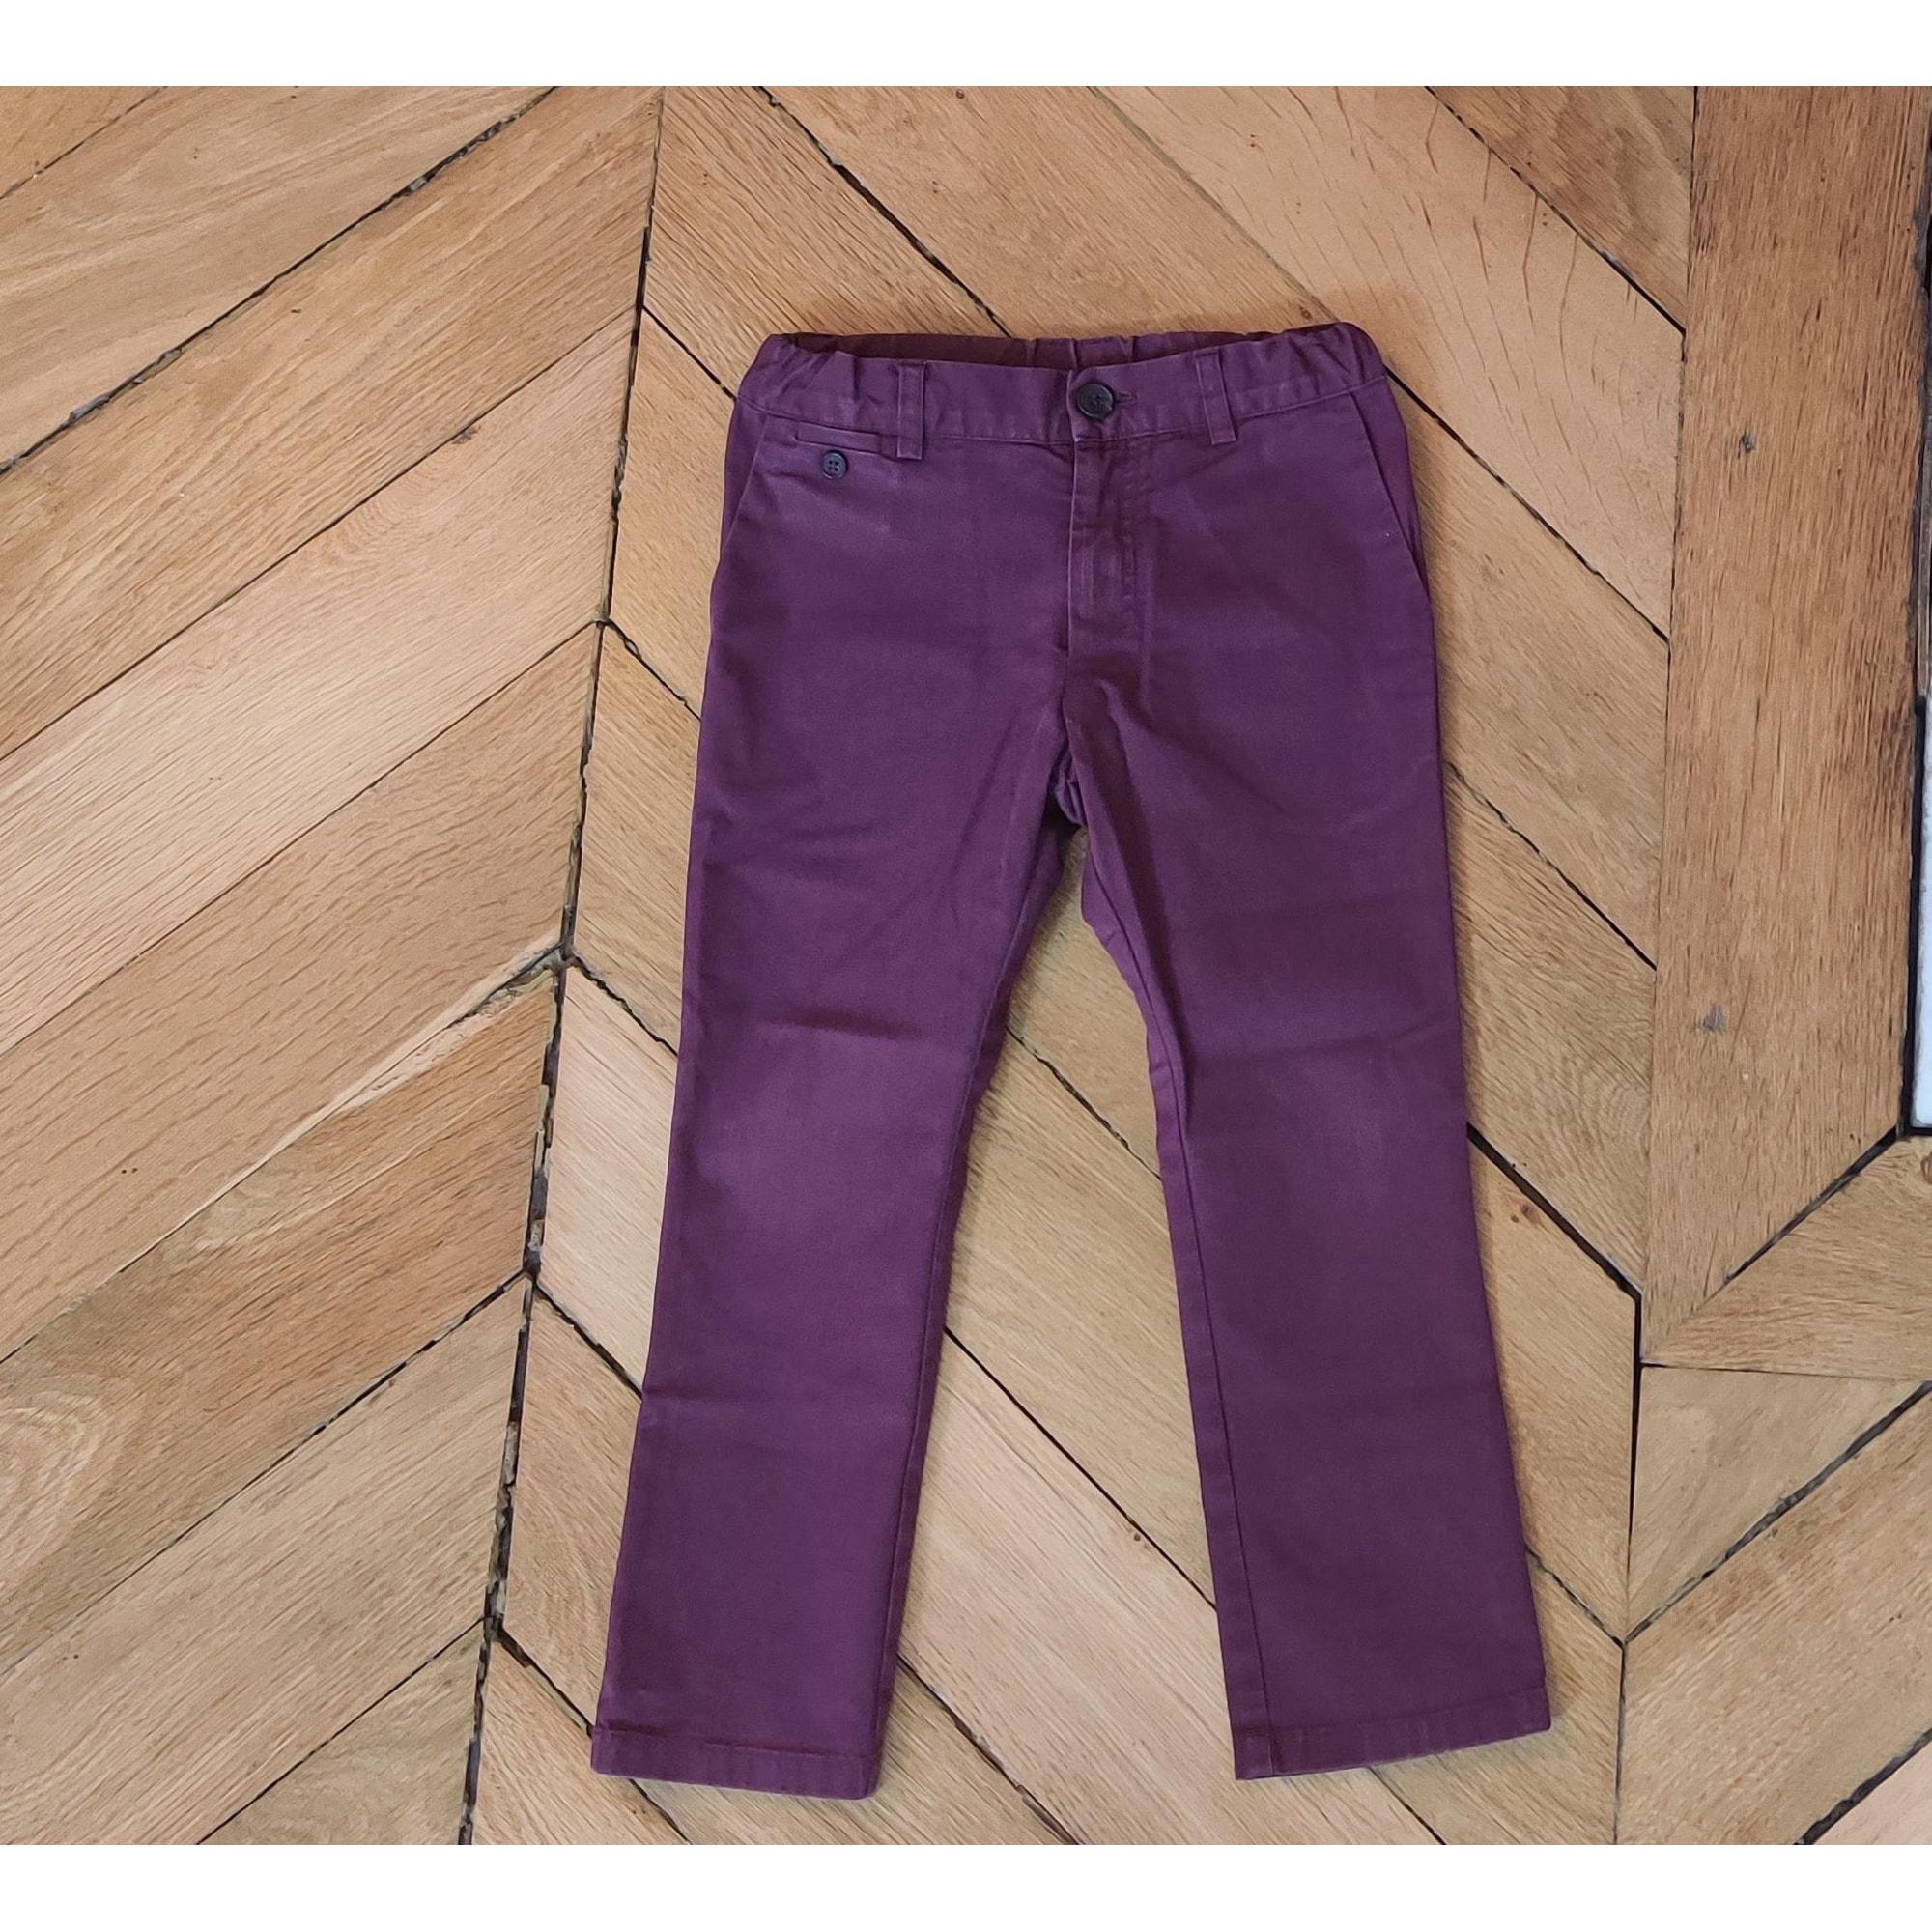 Pants BABY DIOR Purple, mauve, lavender